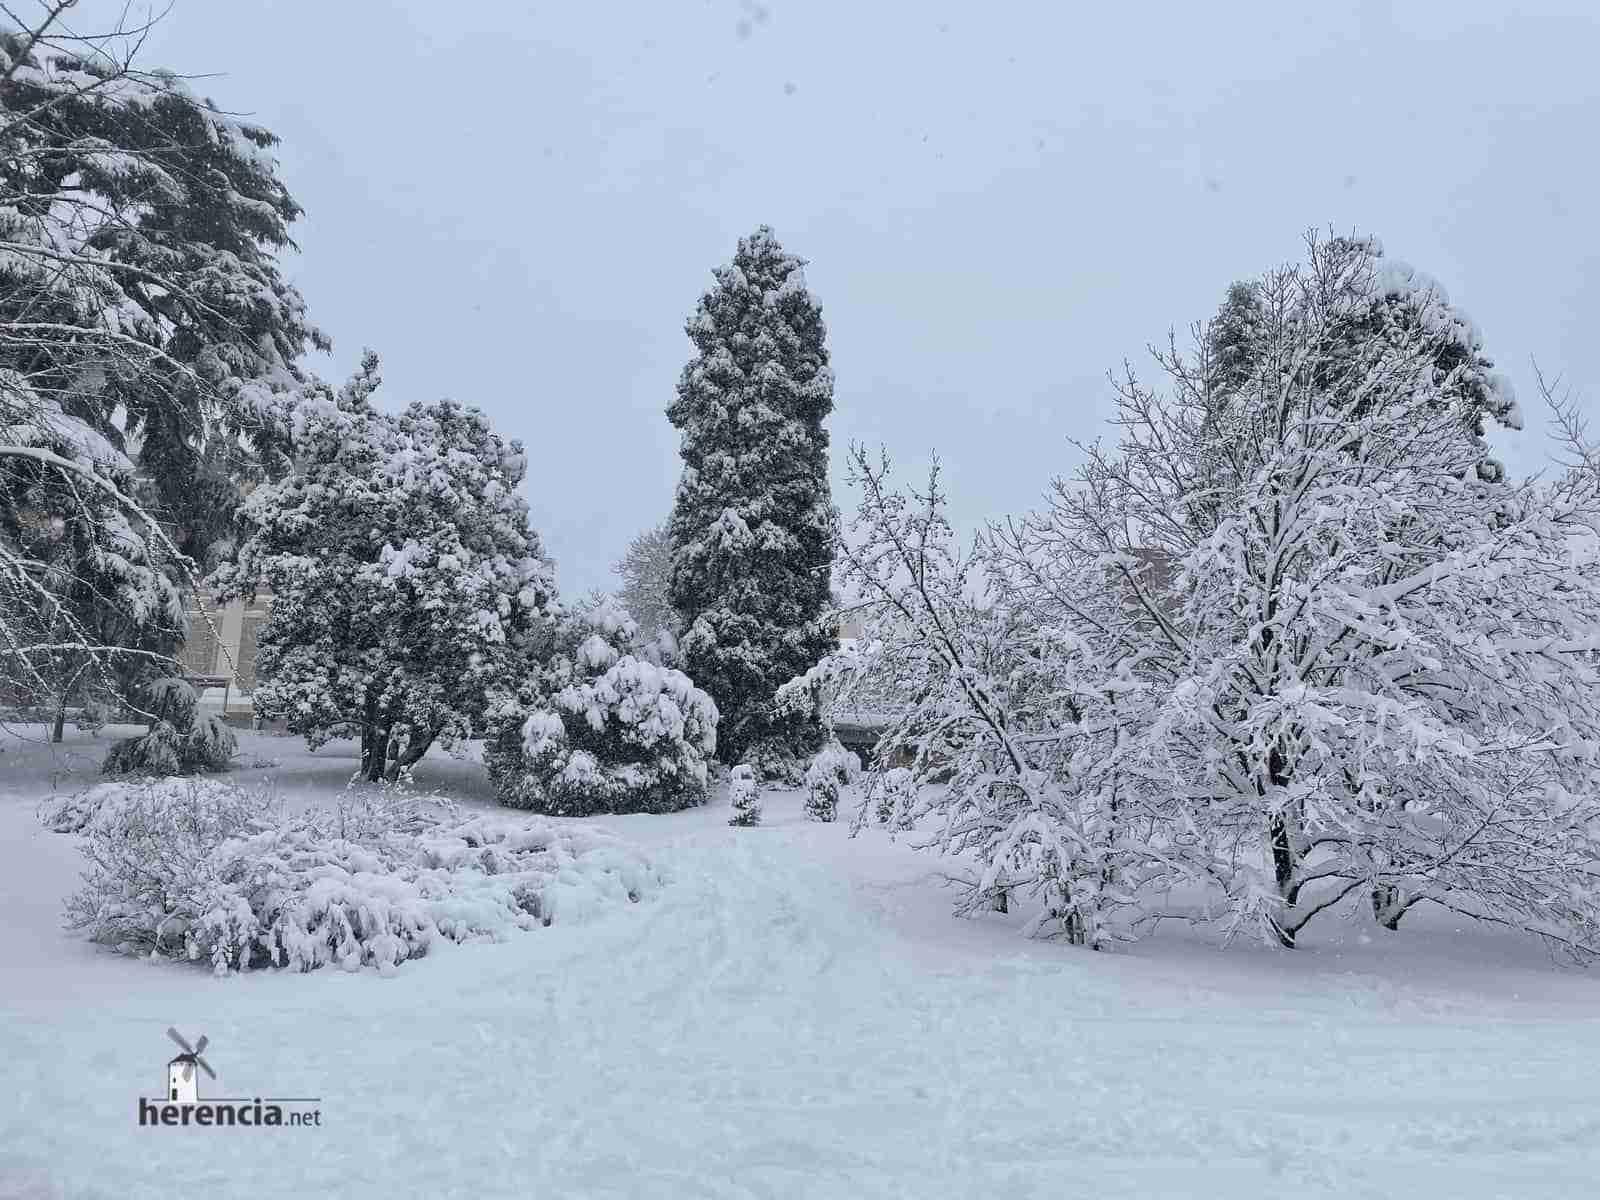 Fotografías de la nevada de enero en Madrid (España) 138